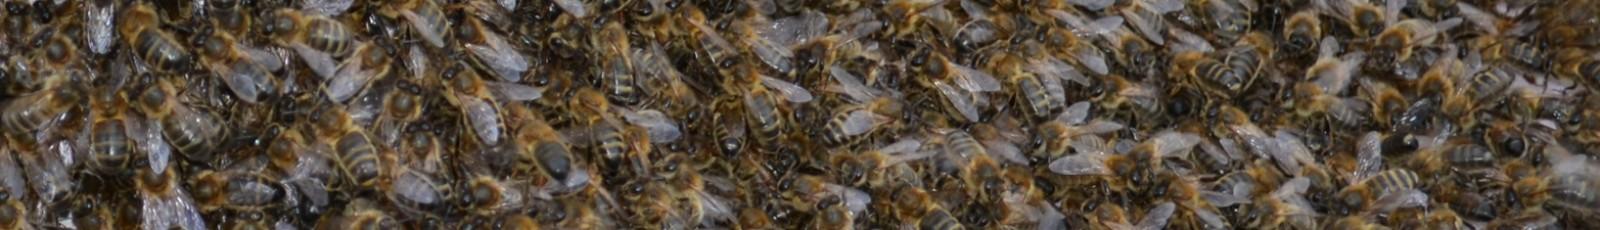 Ryedale Beekeepers Association